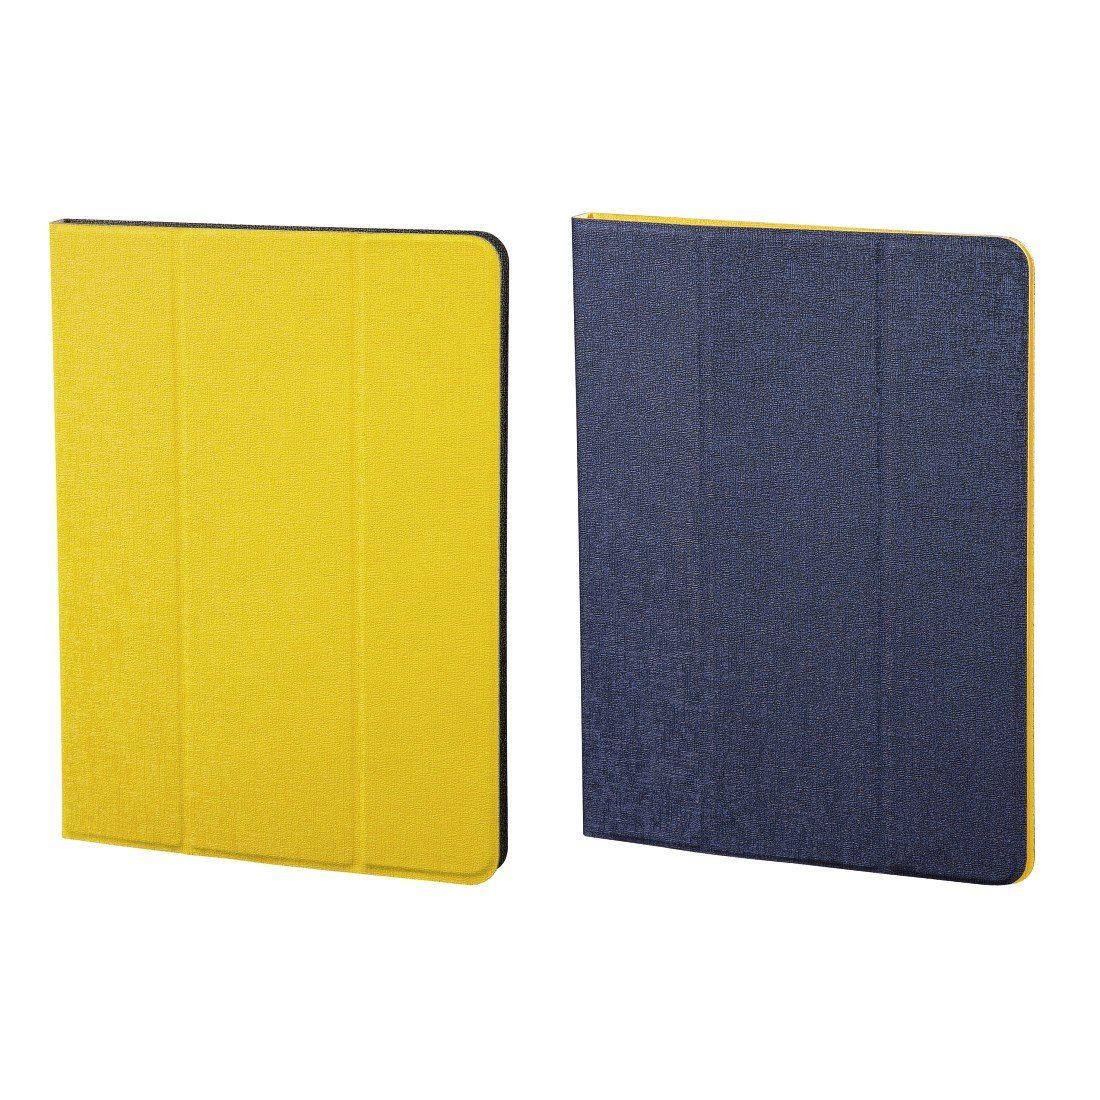 Hama Portfolio TwoTone für alle Tablets bis 17,8 cm (7), Blau/Gelb